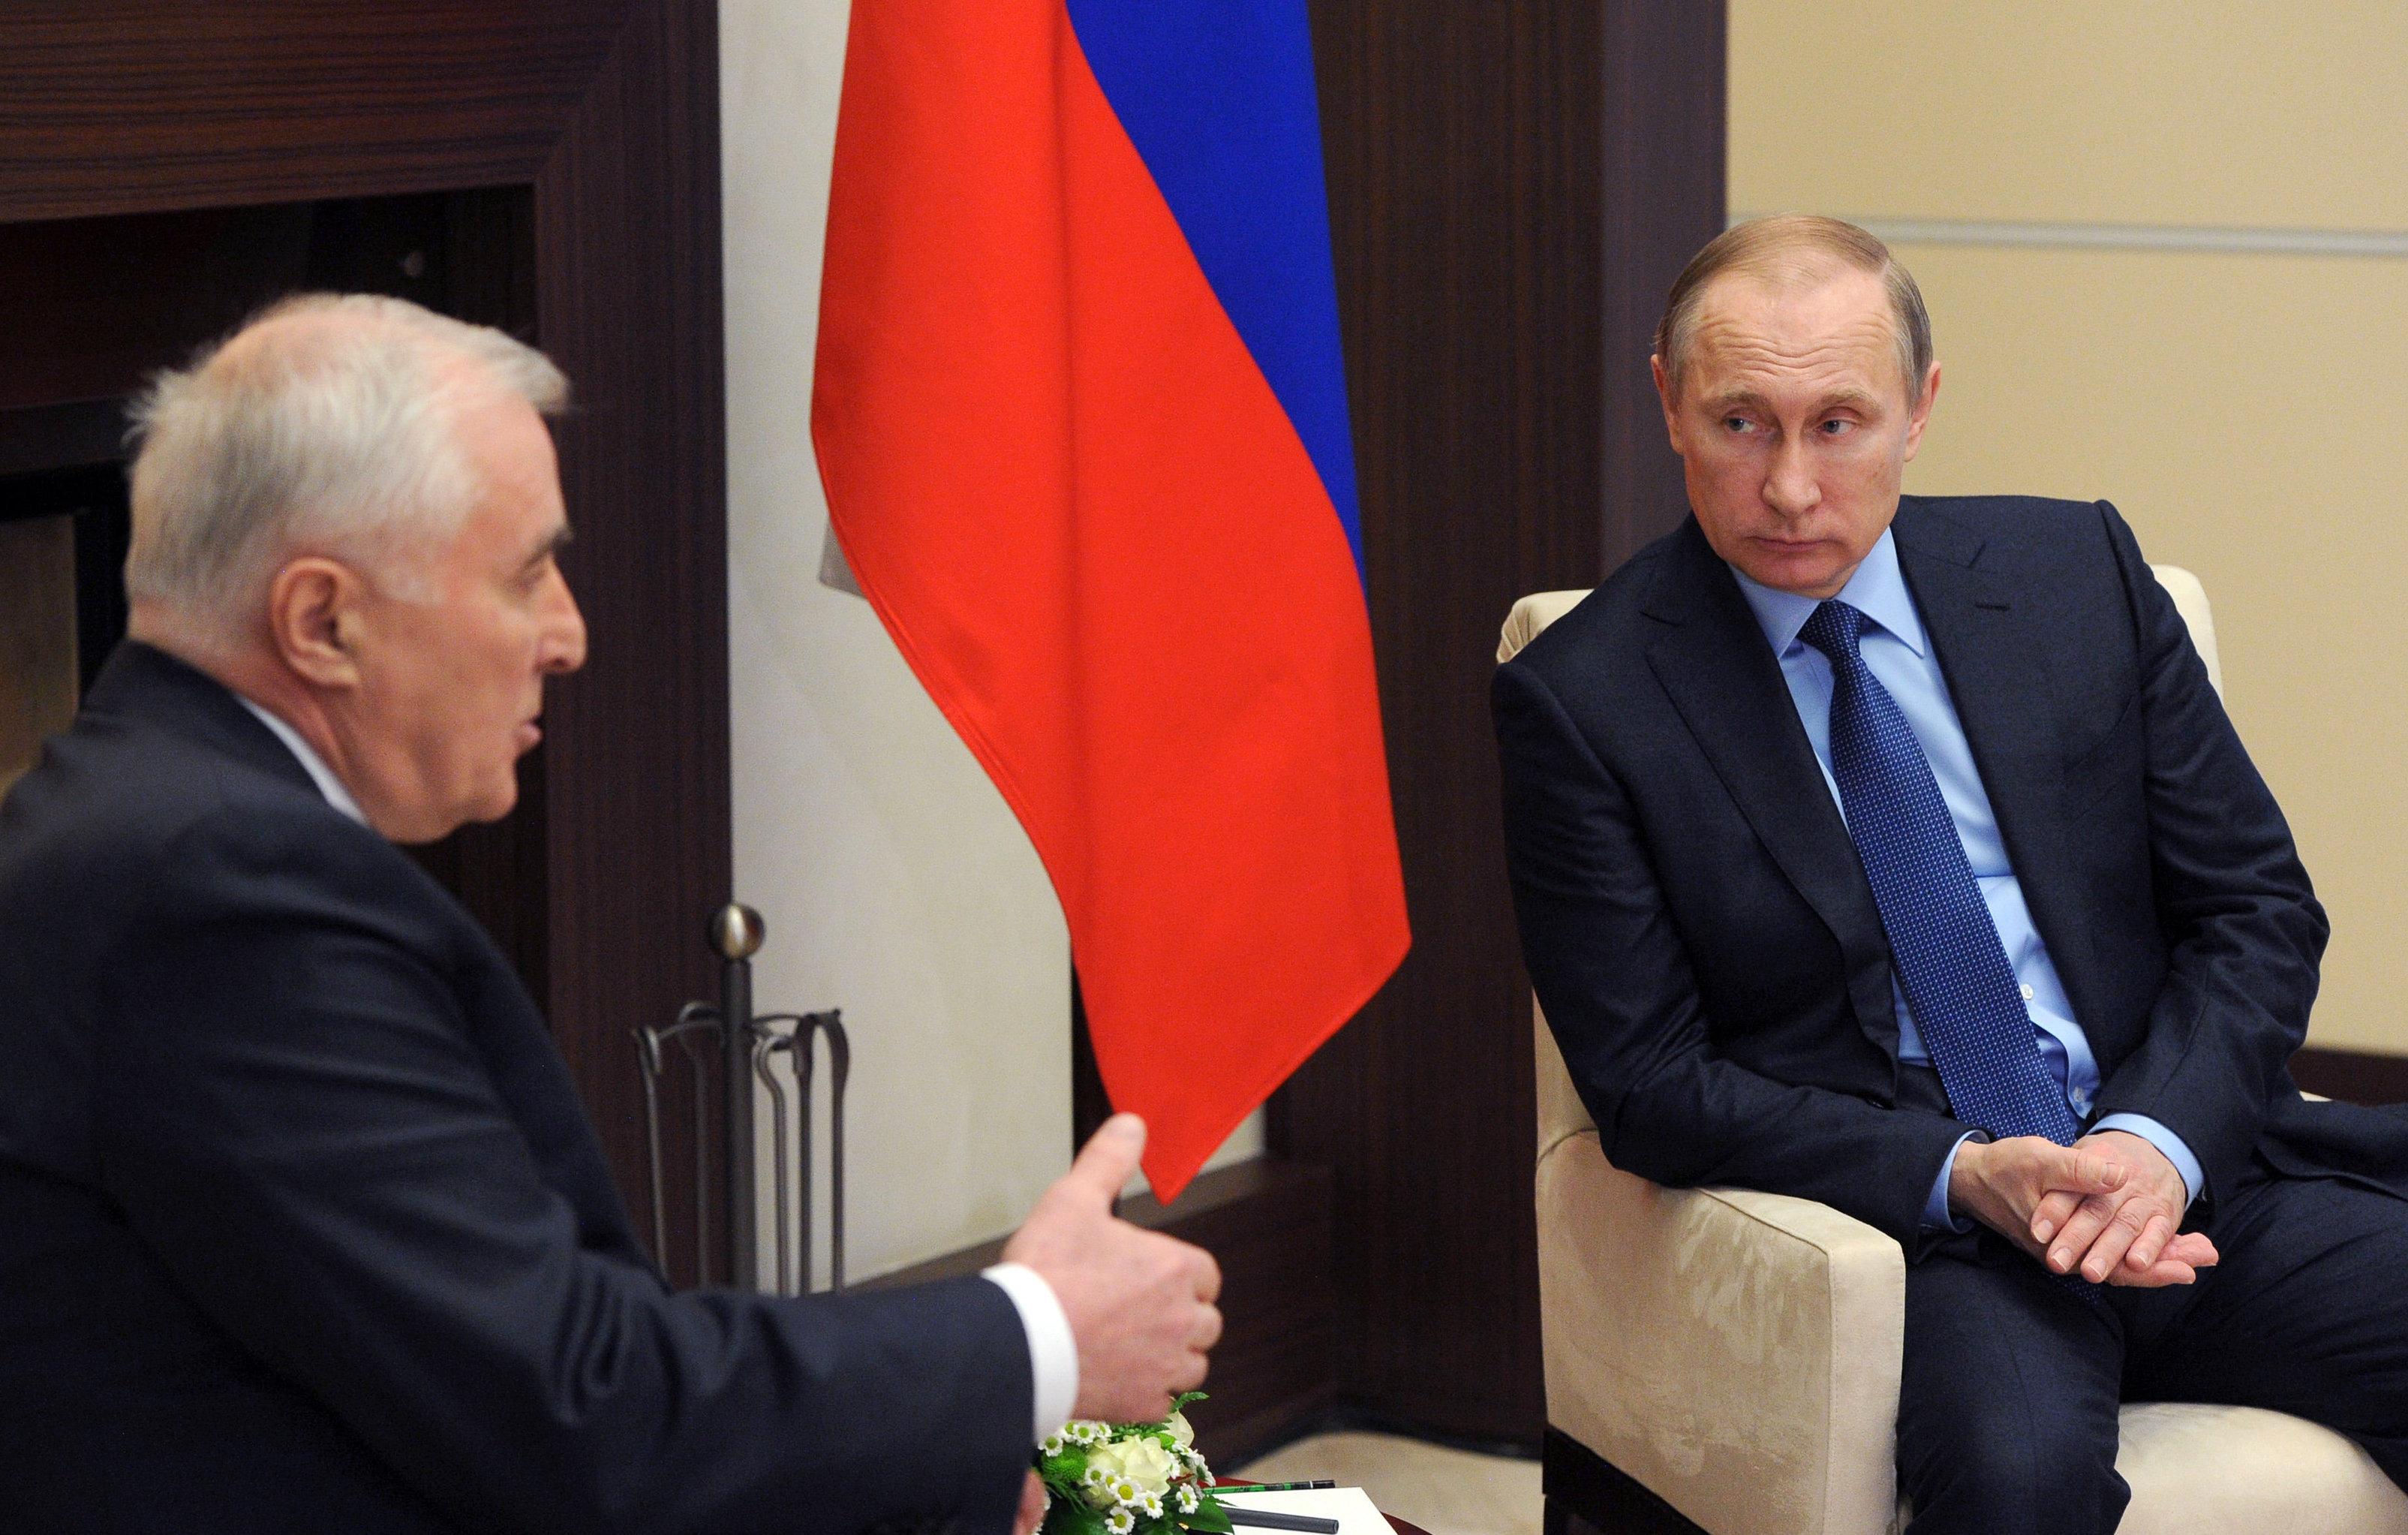 Рабочая встреча президента РФ В. Путина с президентом Южной Осетии Л. Тибиловым